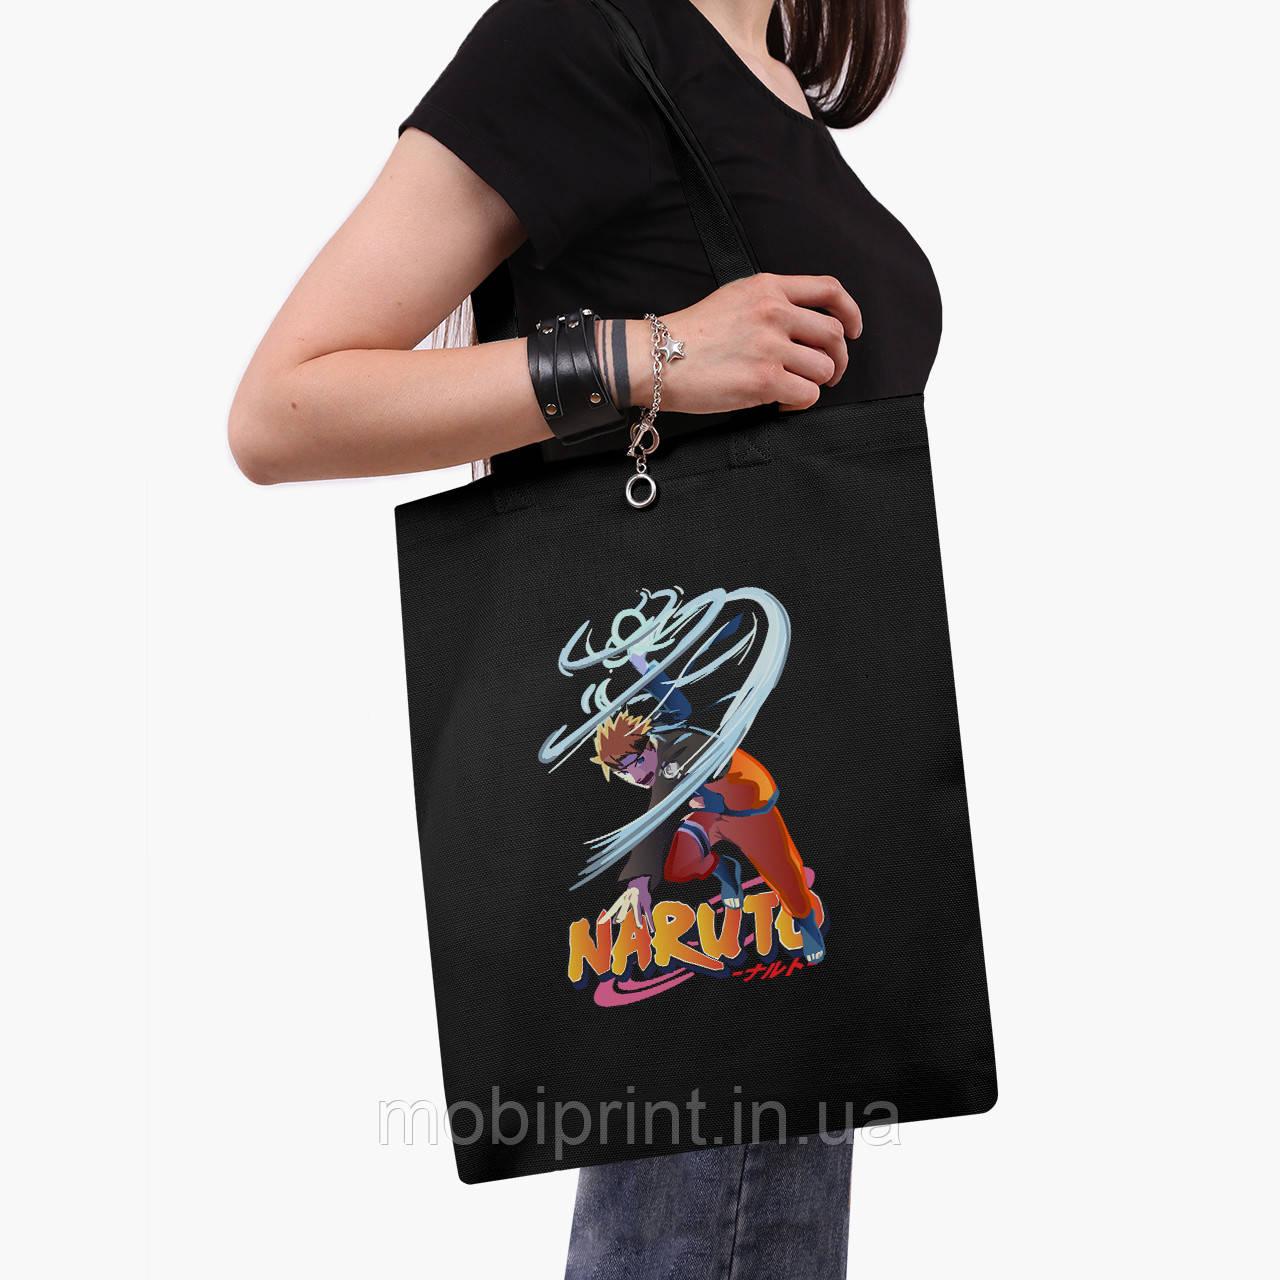 Эко сумка шоппер черная Наруто Узумаки (Naruto Uzumaki) (9227-2814-2)  41*35 см